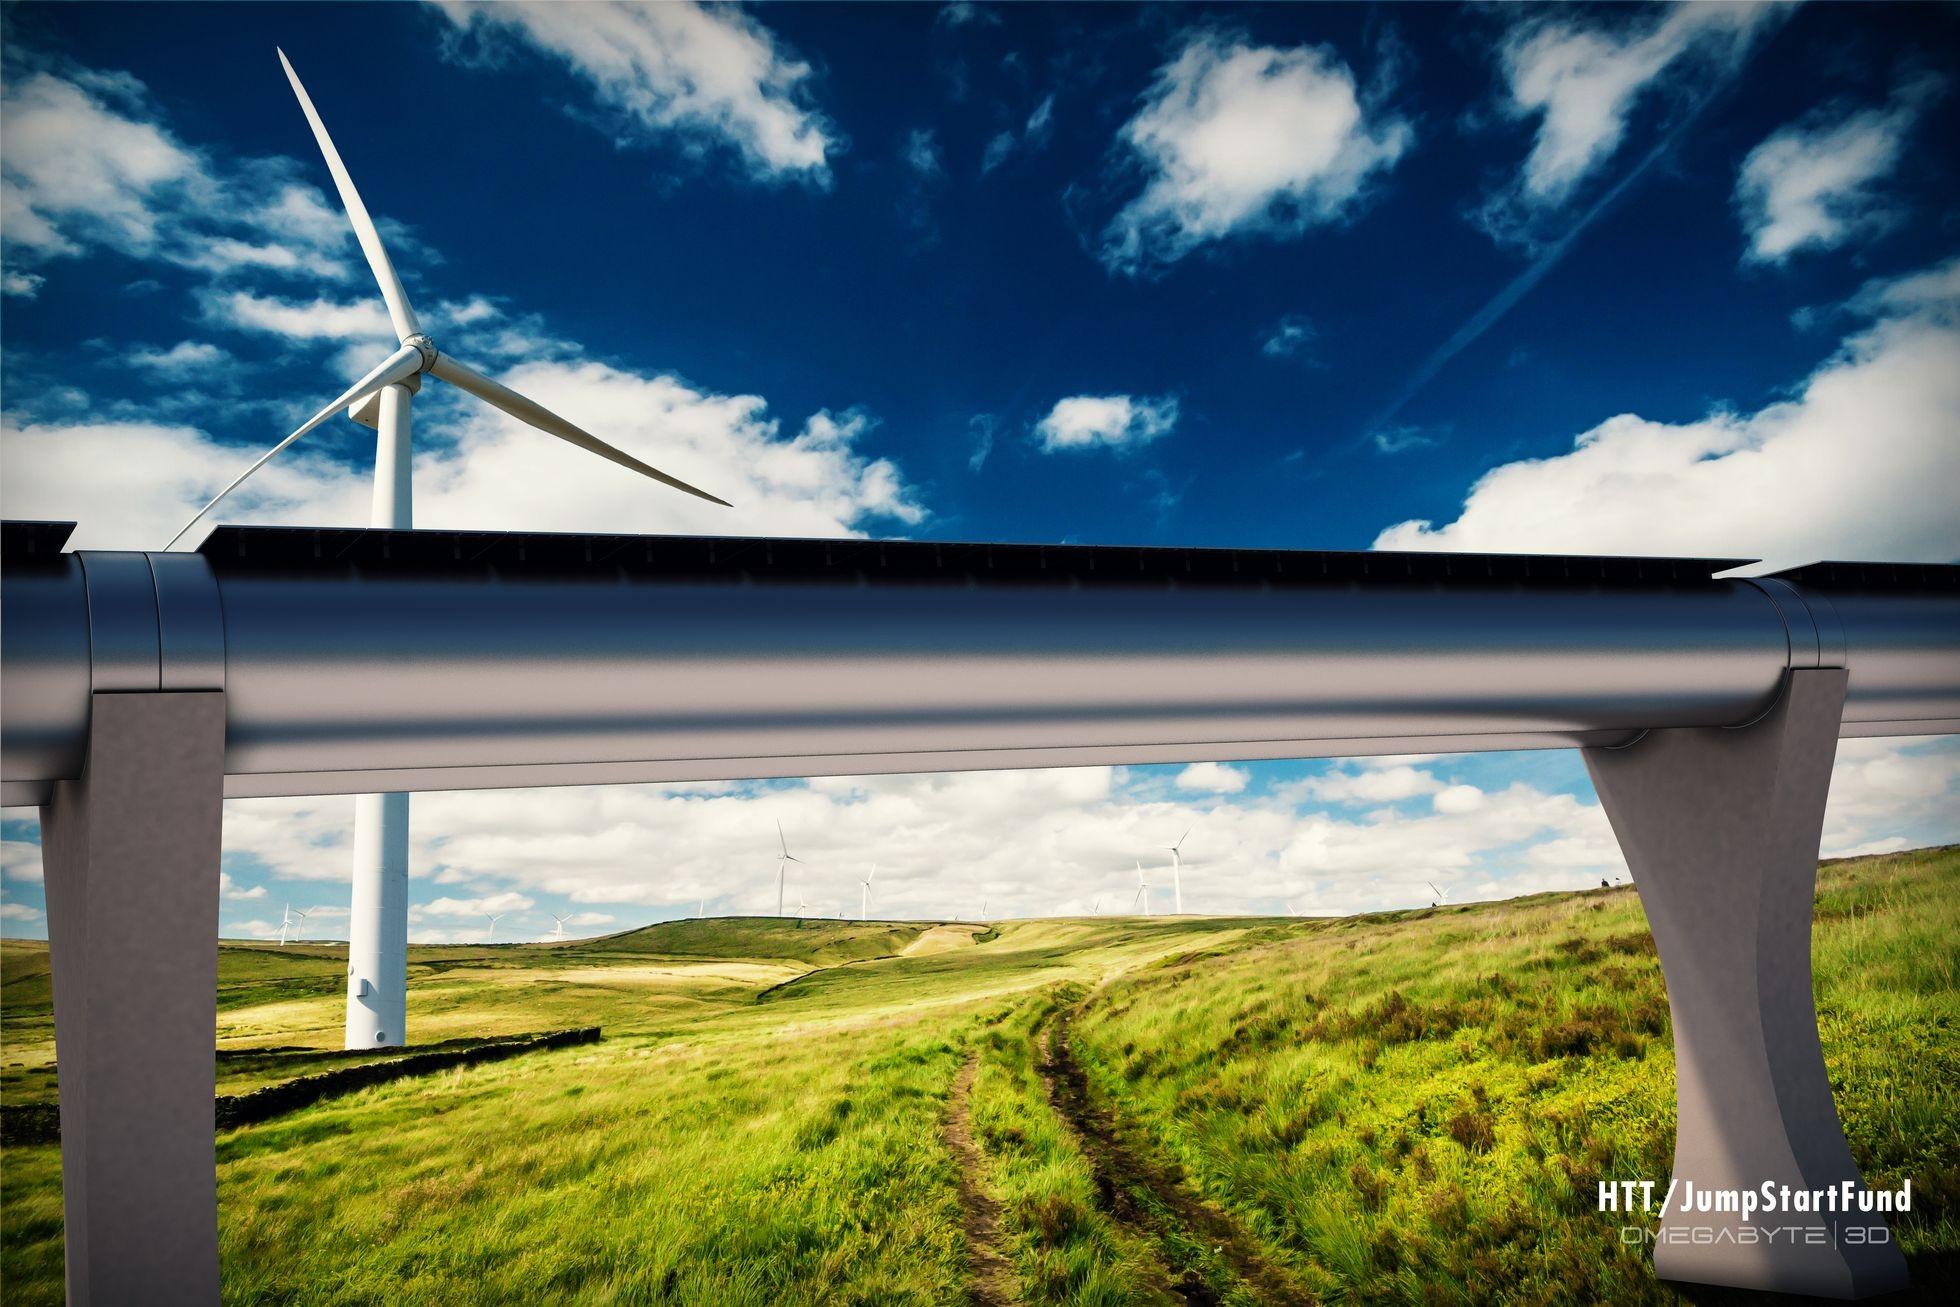 Hyperloop: Wo gehst du heute Abend essen? -